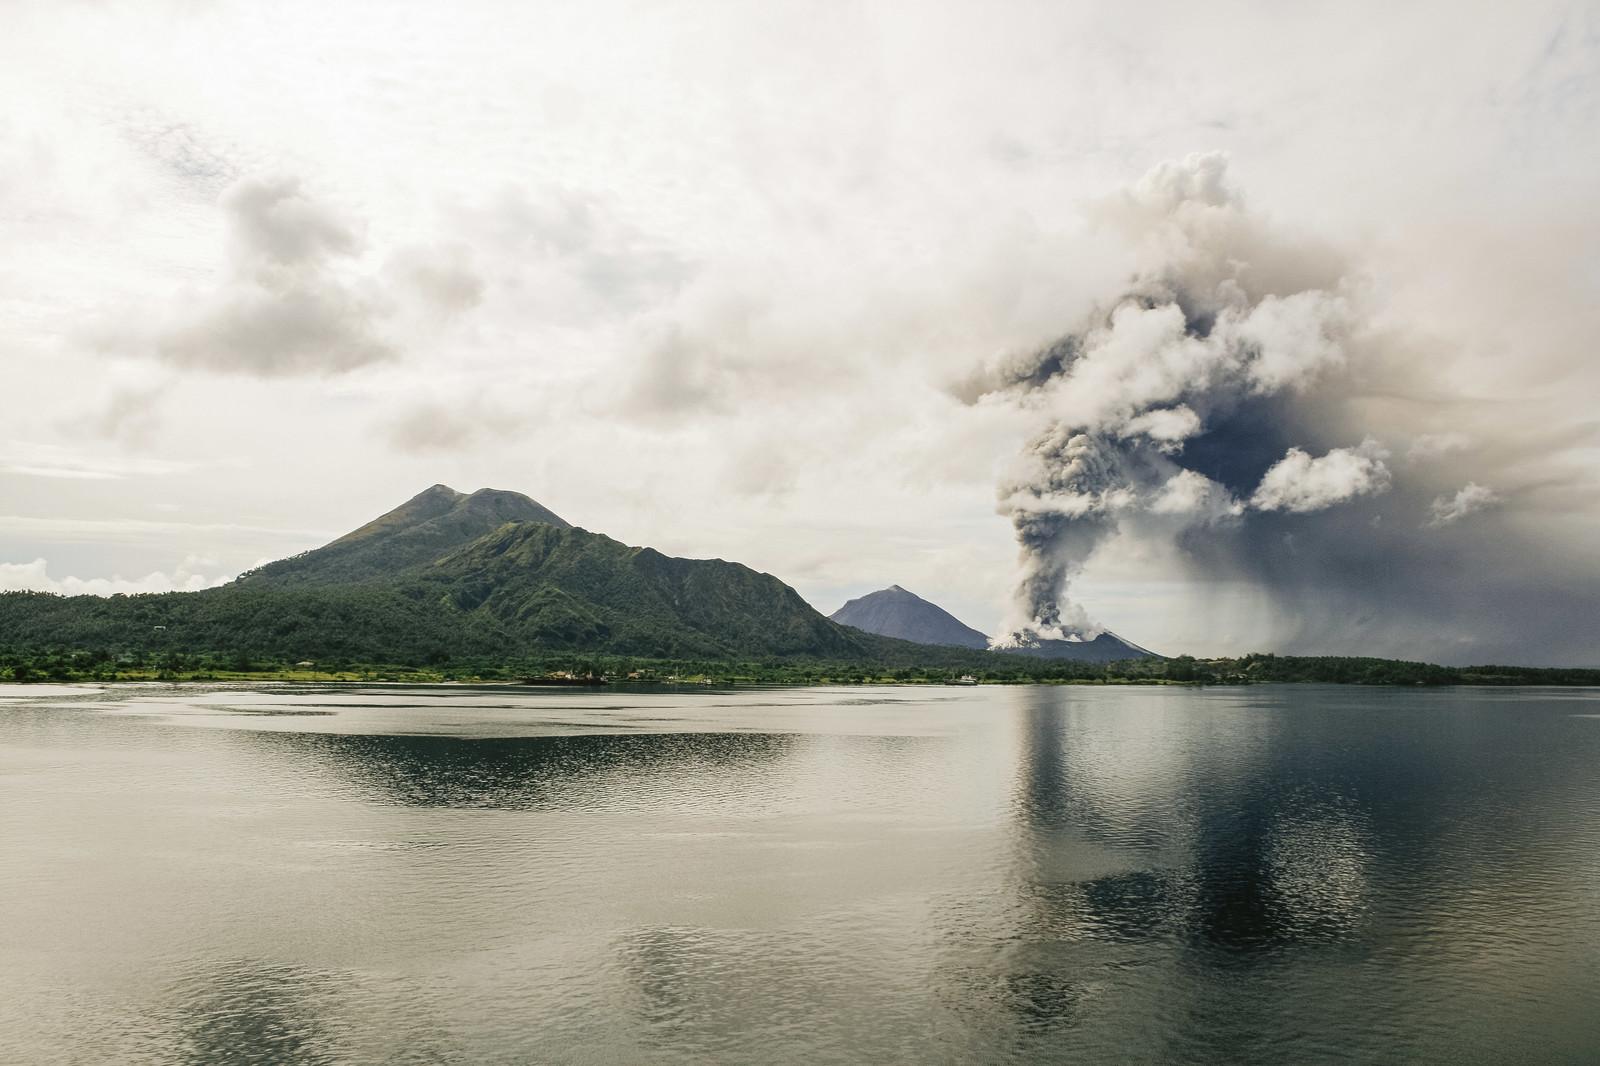 フィリピン・タール火山噴火で南海トラフ地震や富士山噴火は大丈夫?日本への影響は?